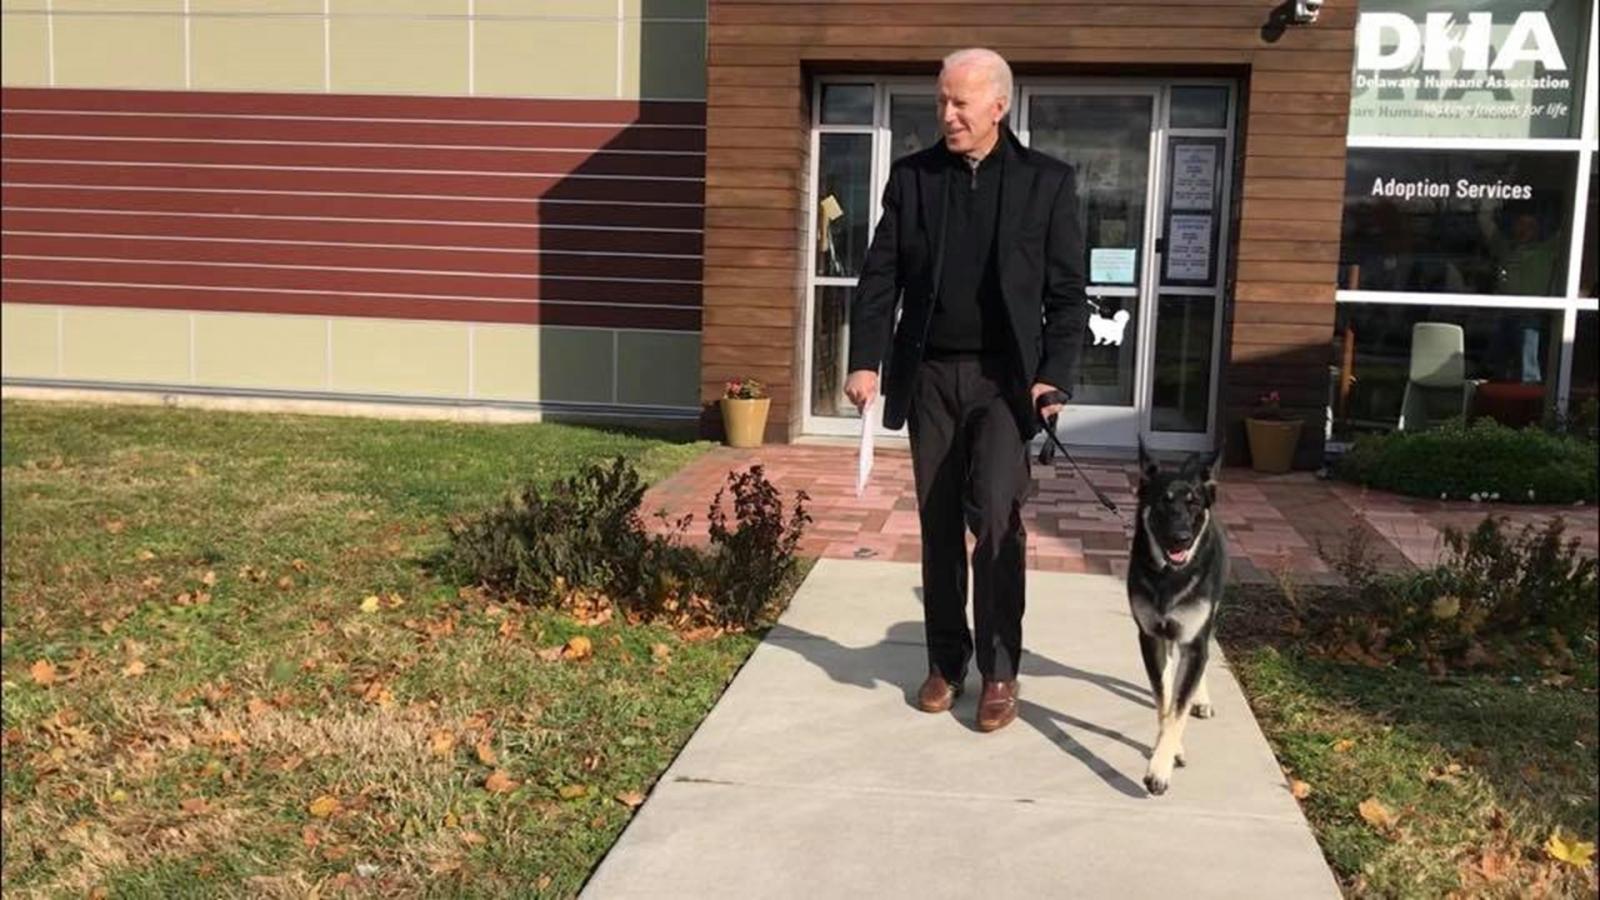 Lần đầu tiên trong lịch sử chú chó được giải cứu trở thành đệ nhất khuyển tại Nhà Trắng